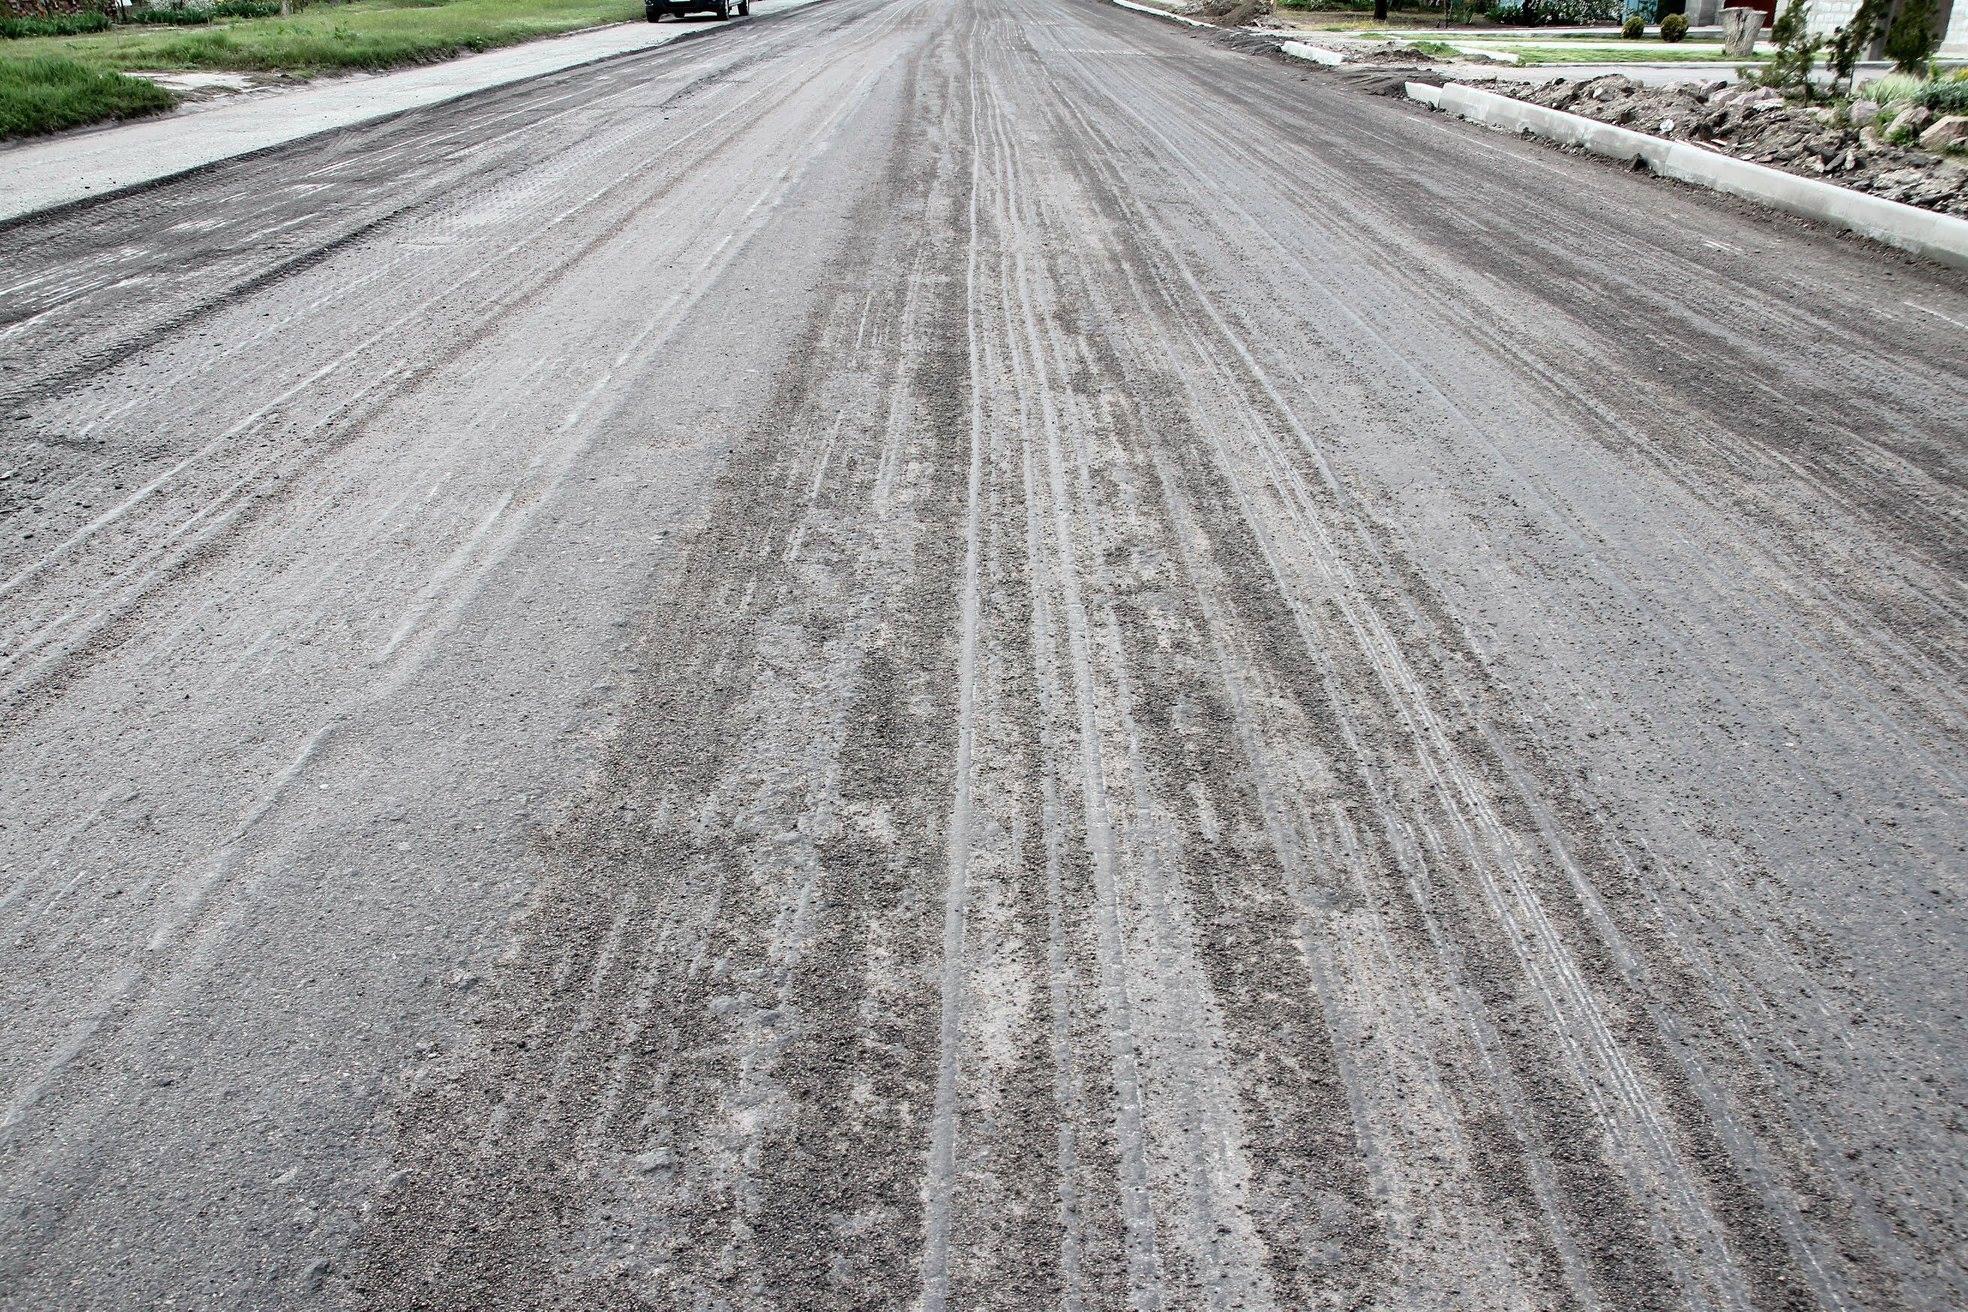 Ровные дороги - давно забытая роскошь